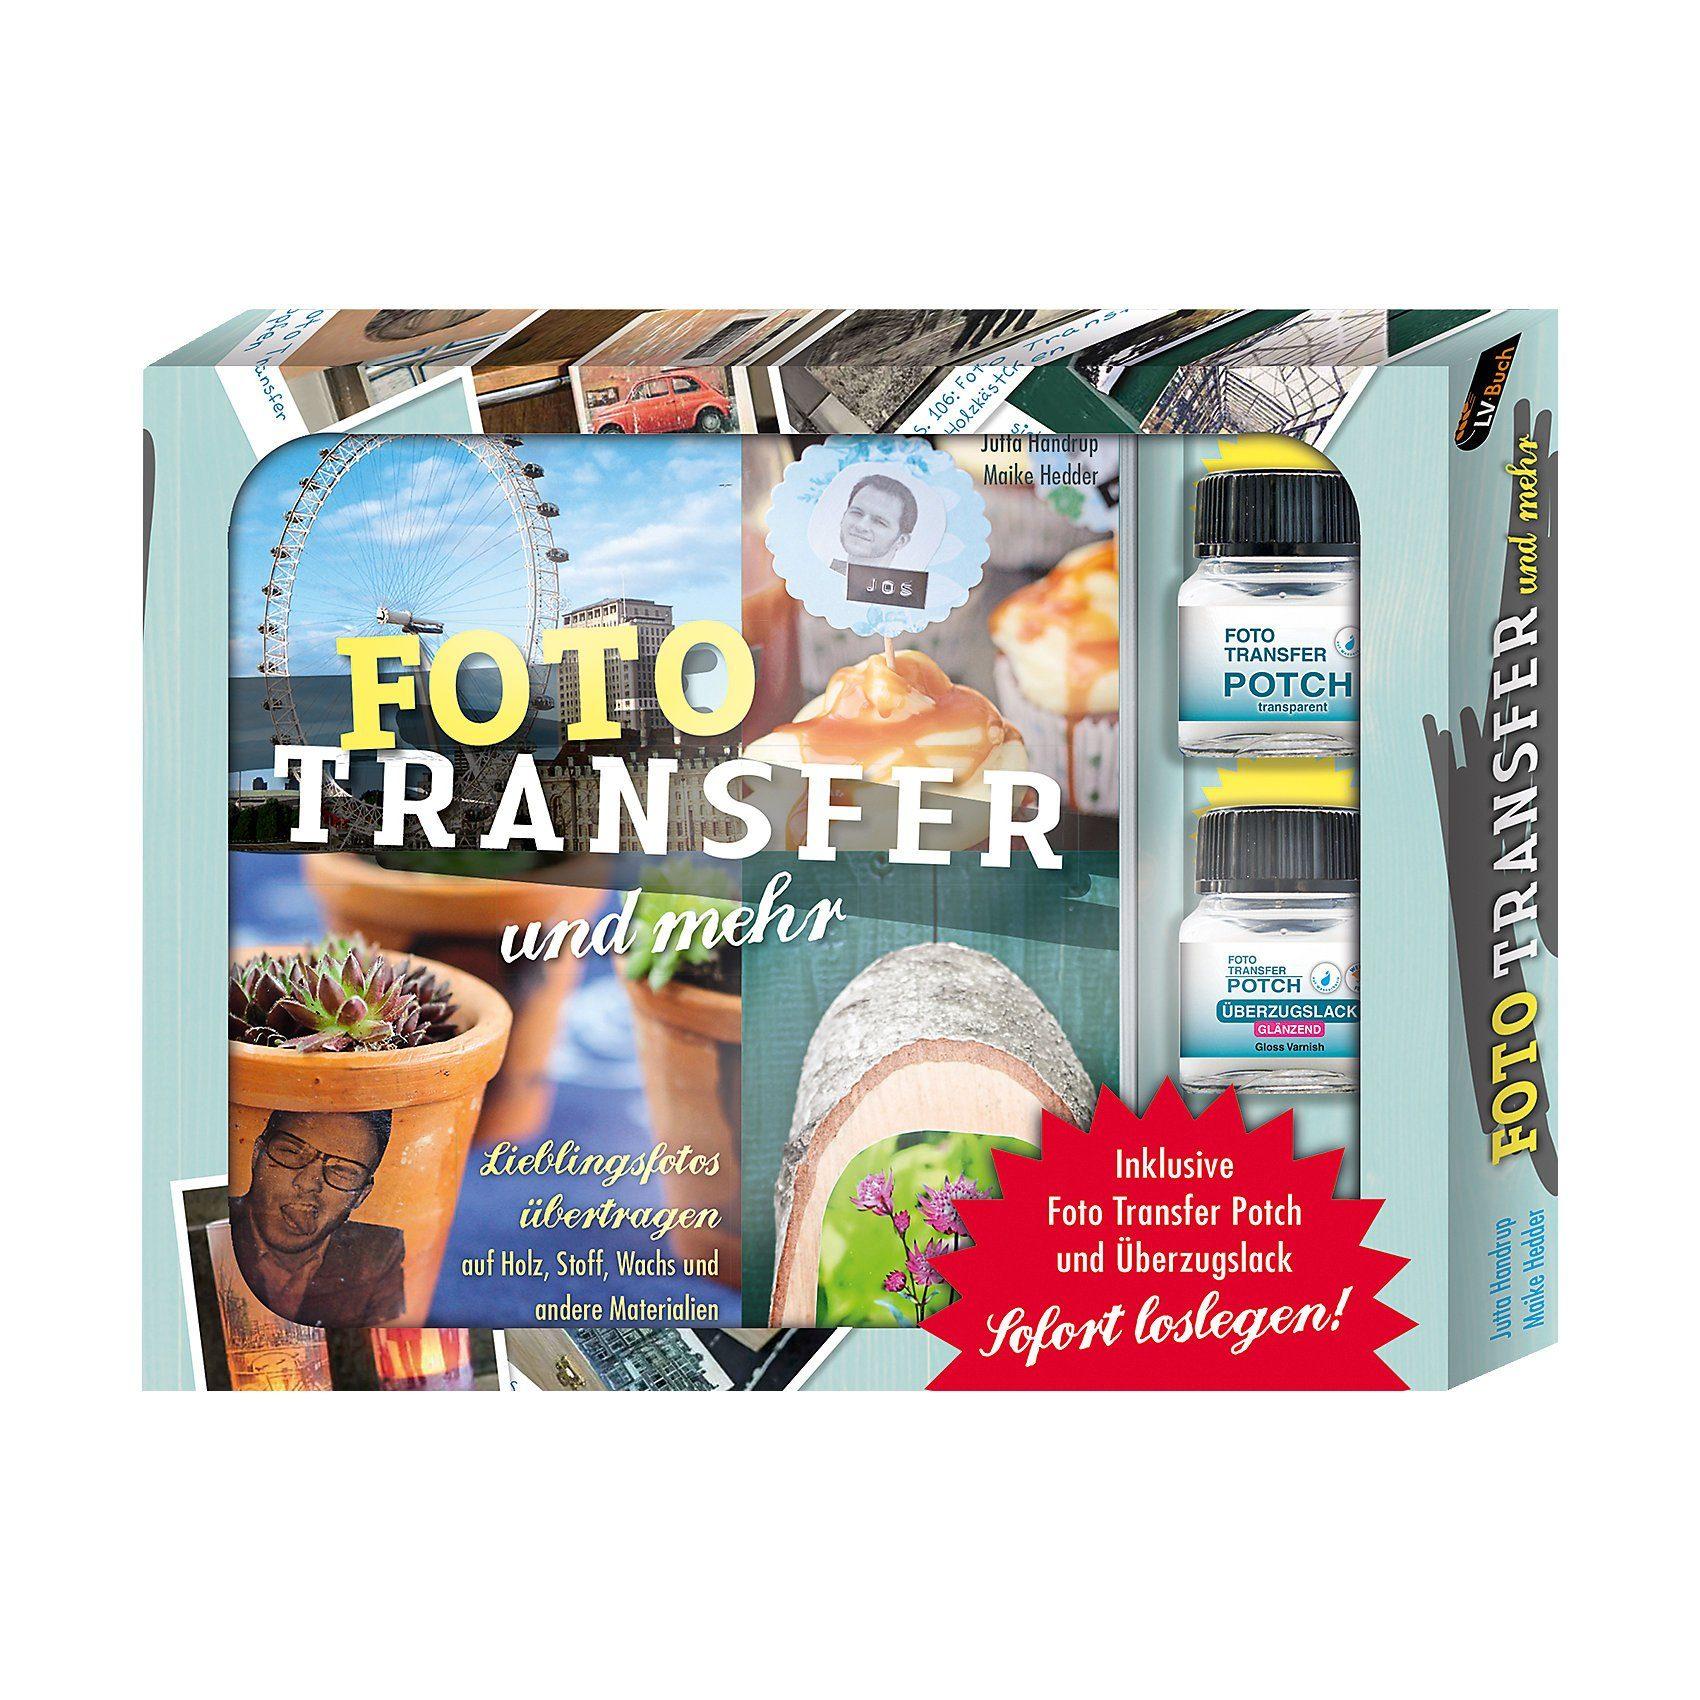 C. KREUL Foto Transfer und mehr - Starterbox mit Buch